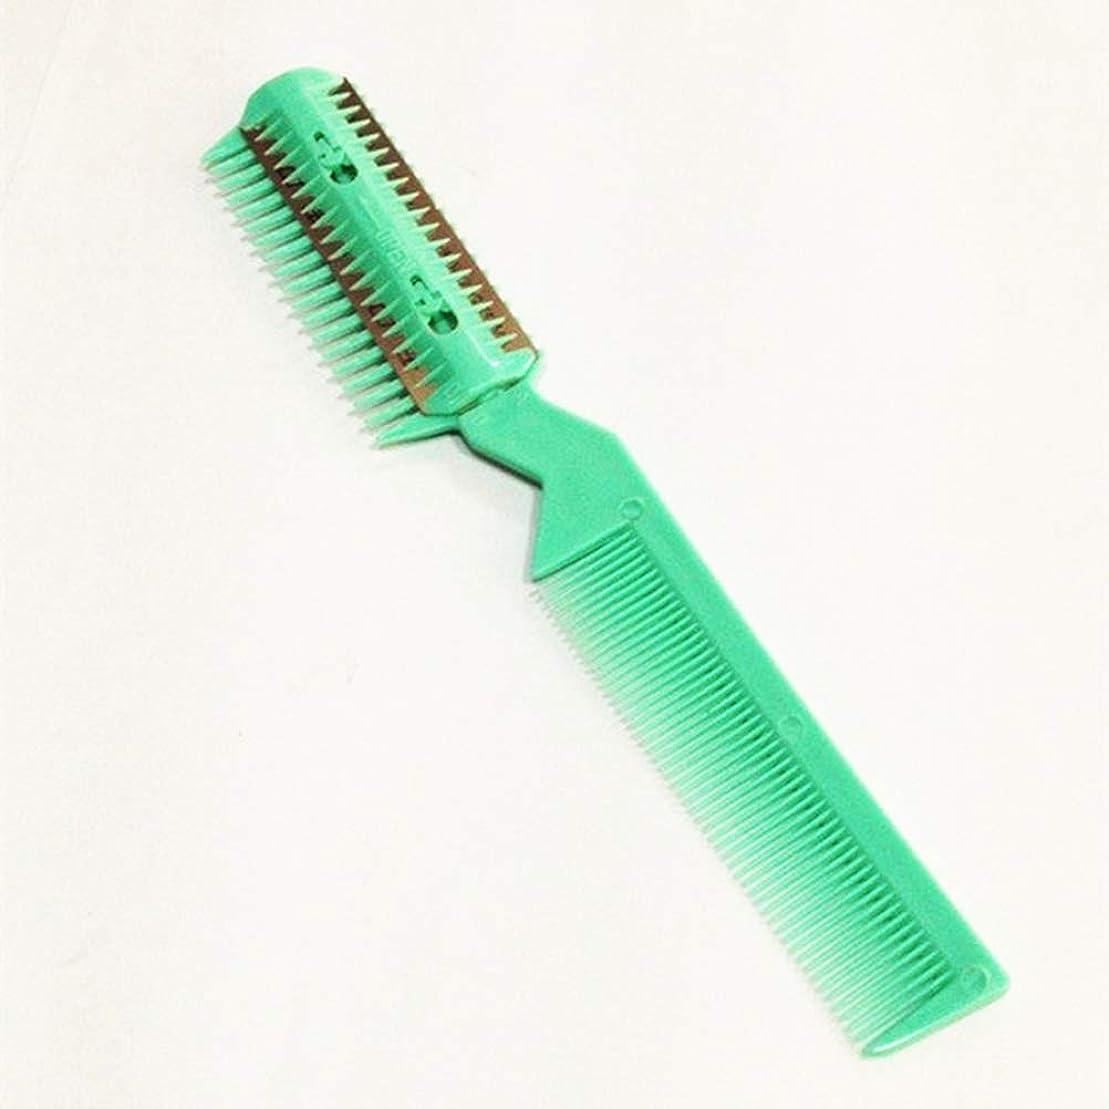 注入スピーチ冒険Healifty 毛かみそりの櫛の二重側面を剃る刃の任意色で切る前髪のトリミング